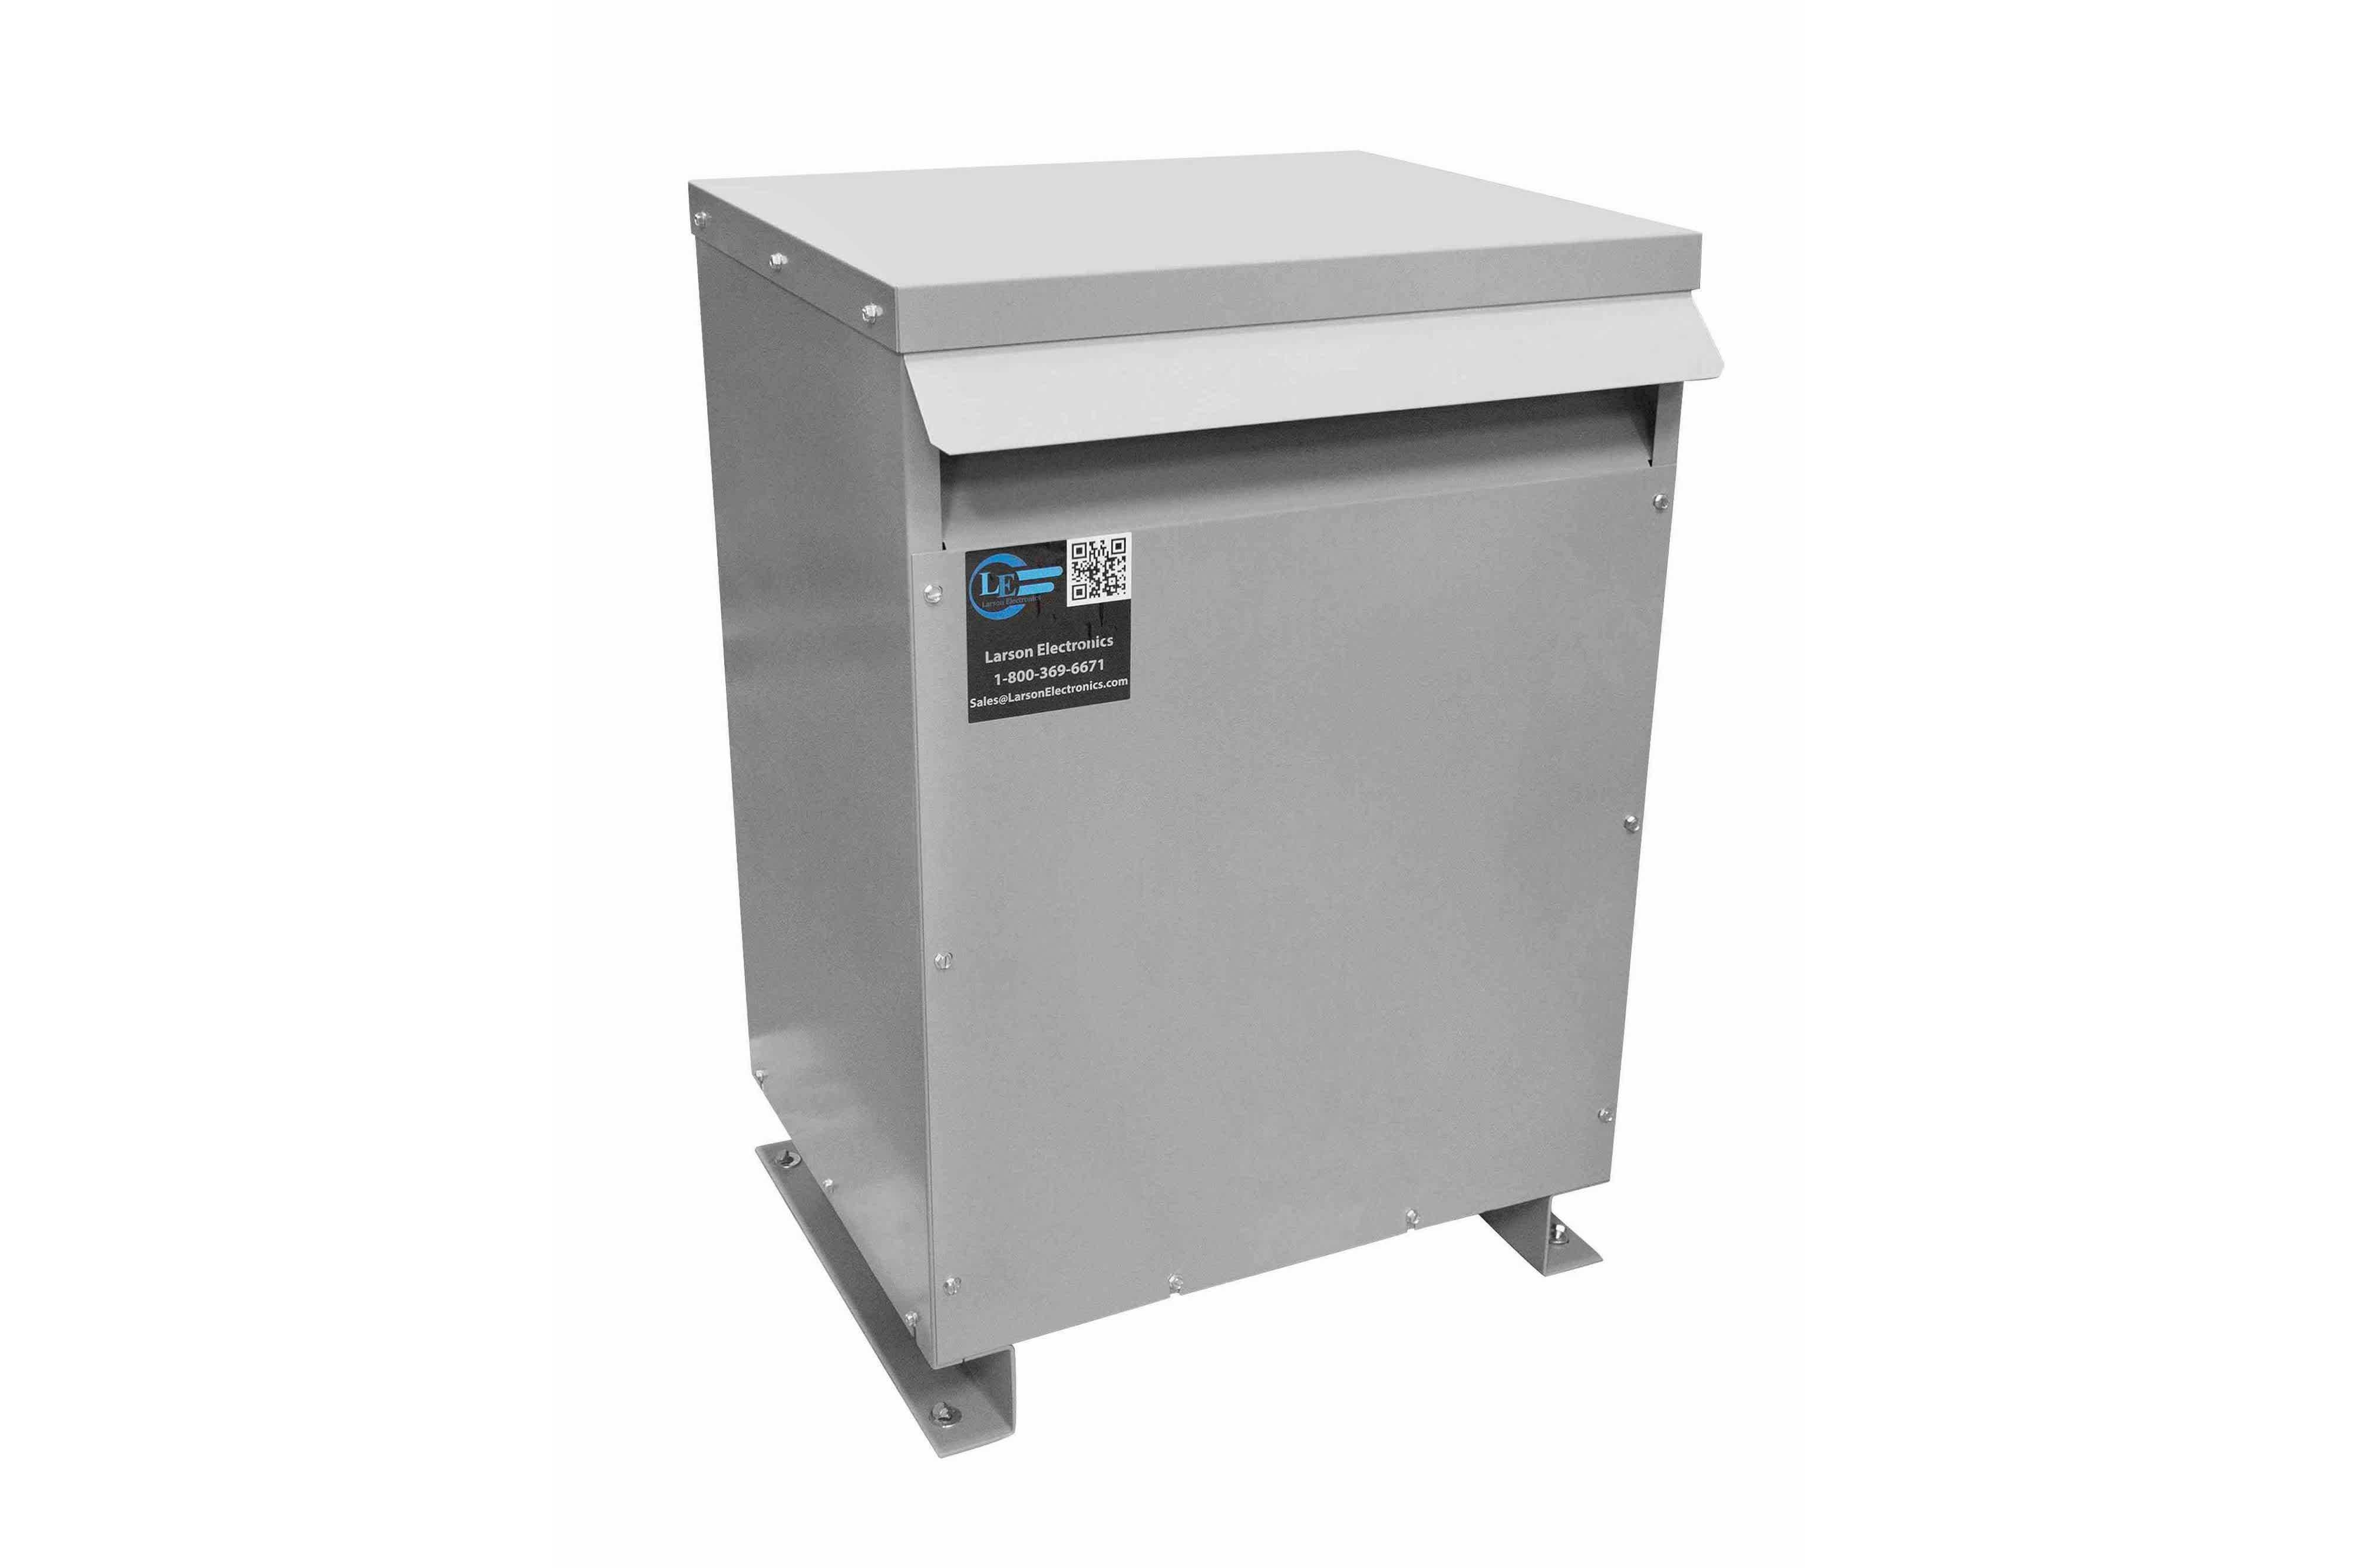 225 kVA 3PH Isolation Transformer, 380V Delta Primary, 240 Delta Secondary, N3R, Ventilated, 60 Hz